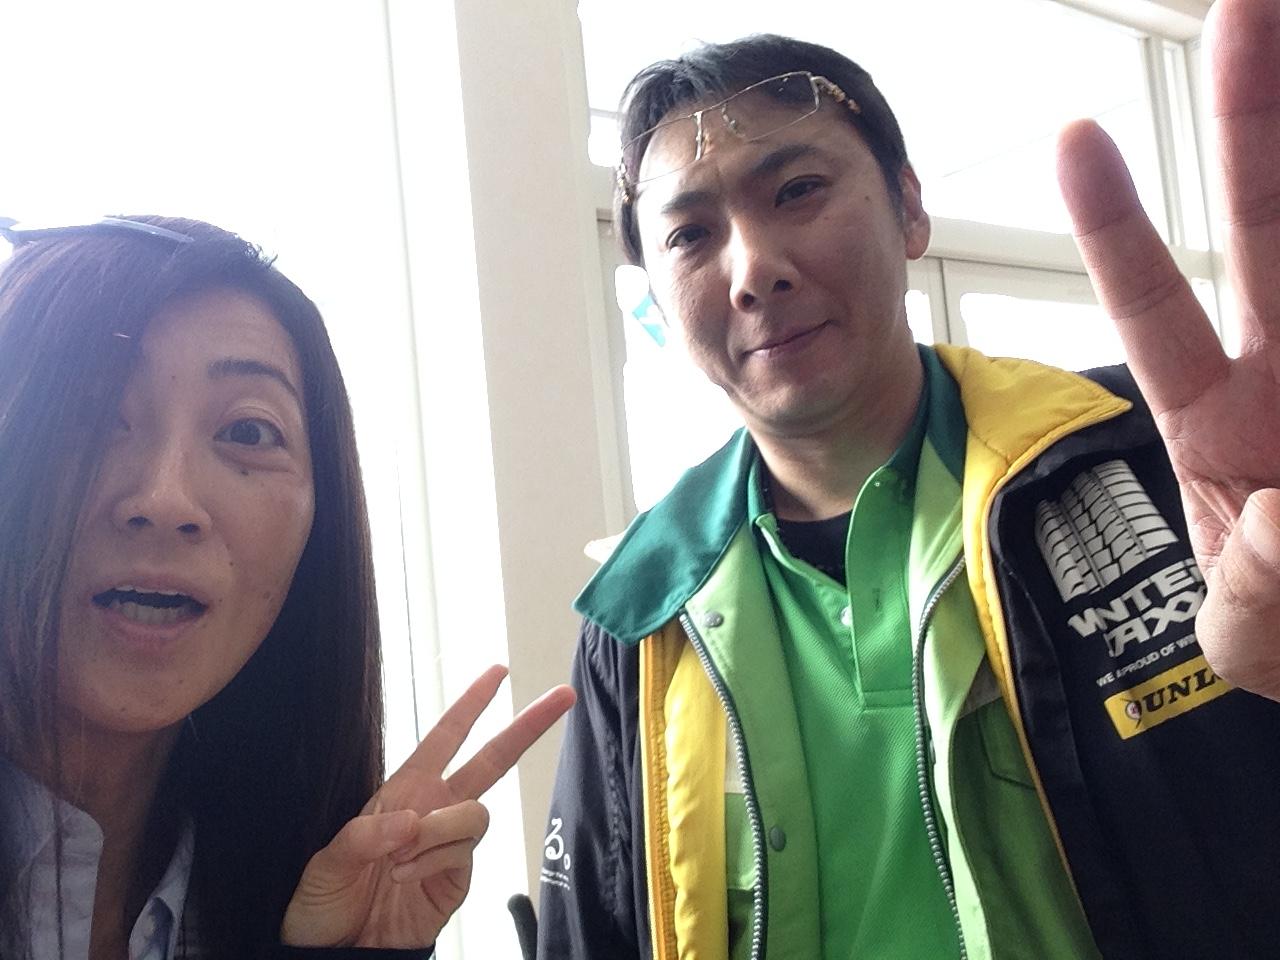 11月30日水曜日のひとログ(。・ω・。) 植東さん卒業!!!今までありがとうございました!_b0127002_18535375.jpg